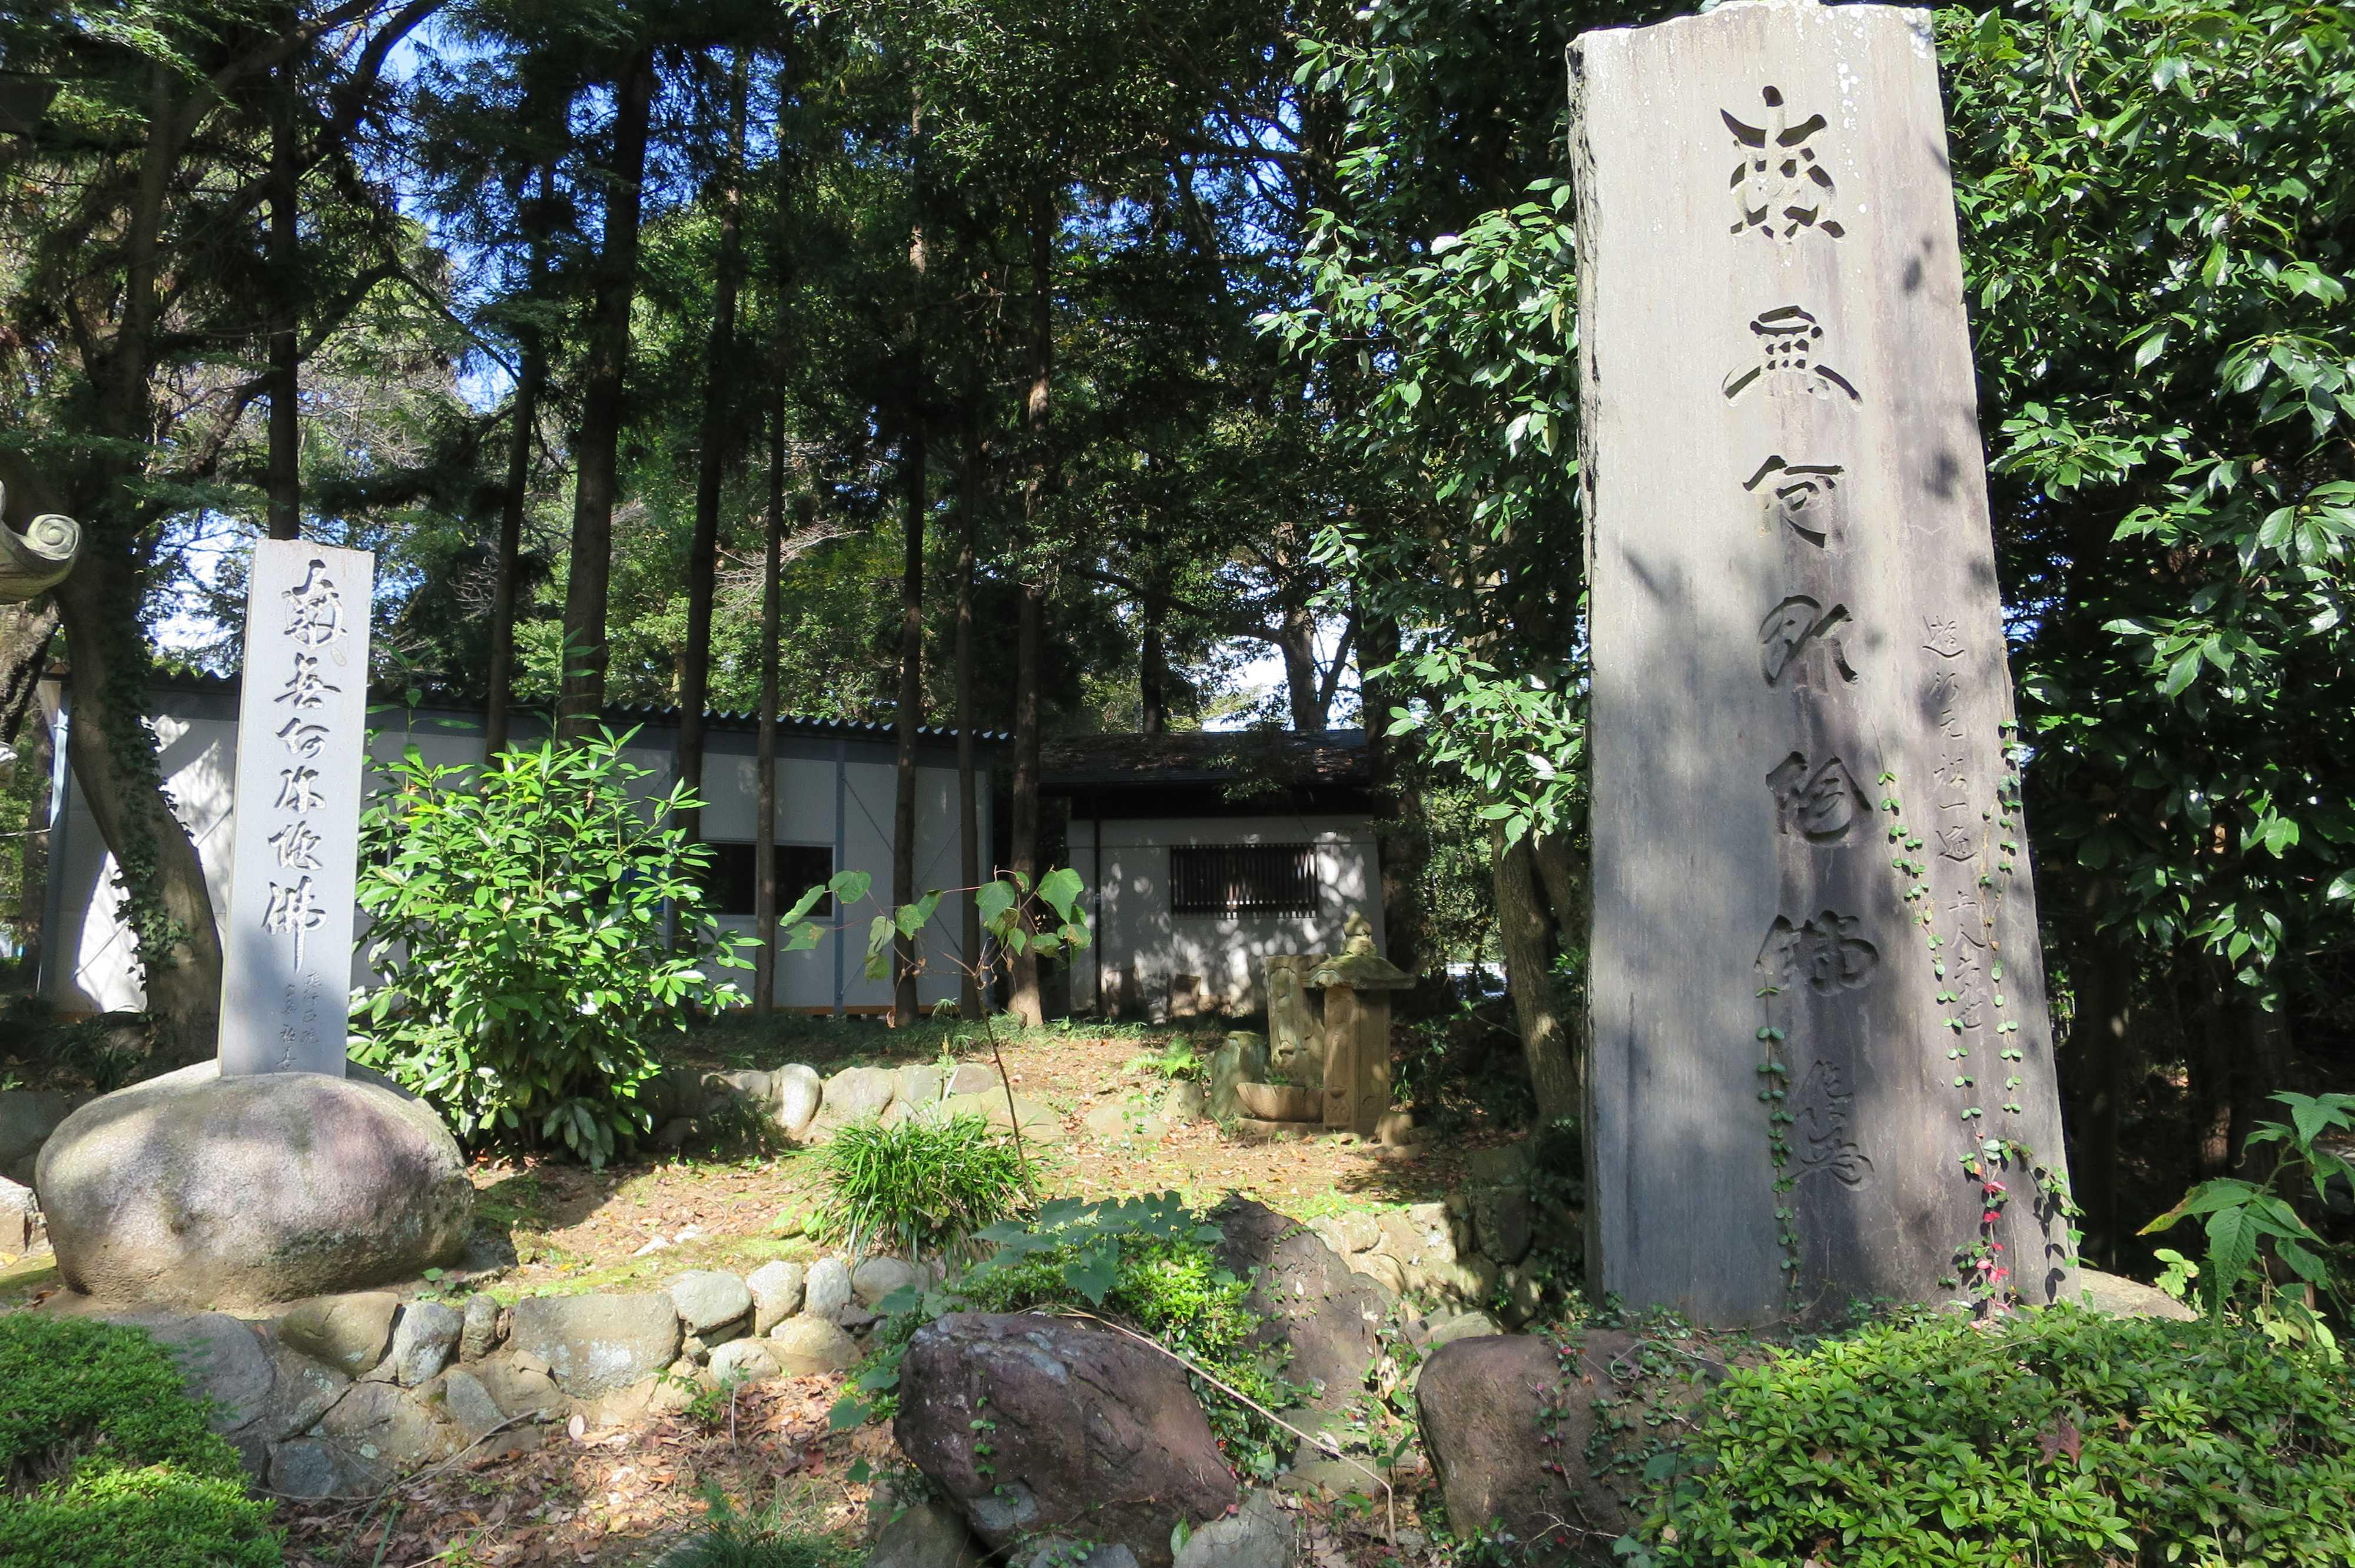 無量光寺 - 南無阿弥陀仏の石碑